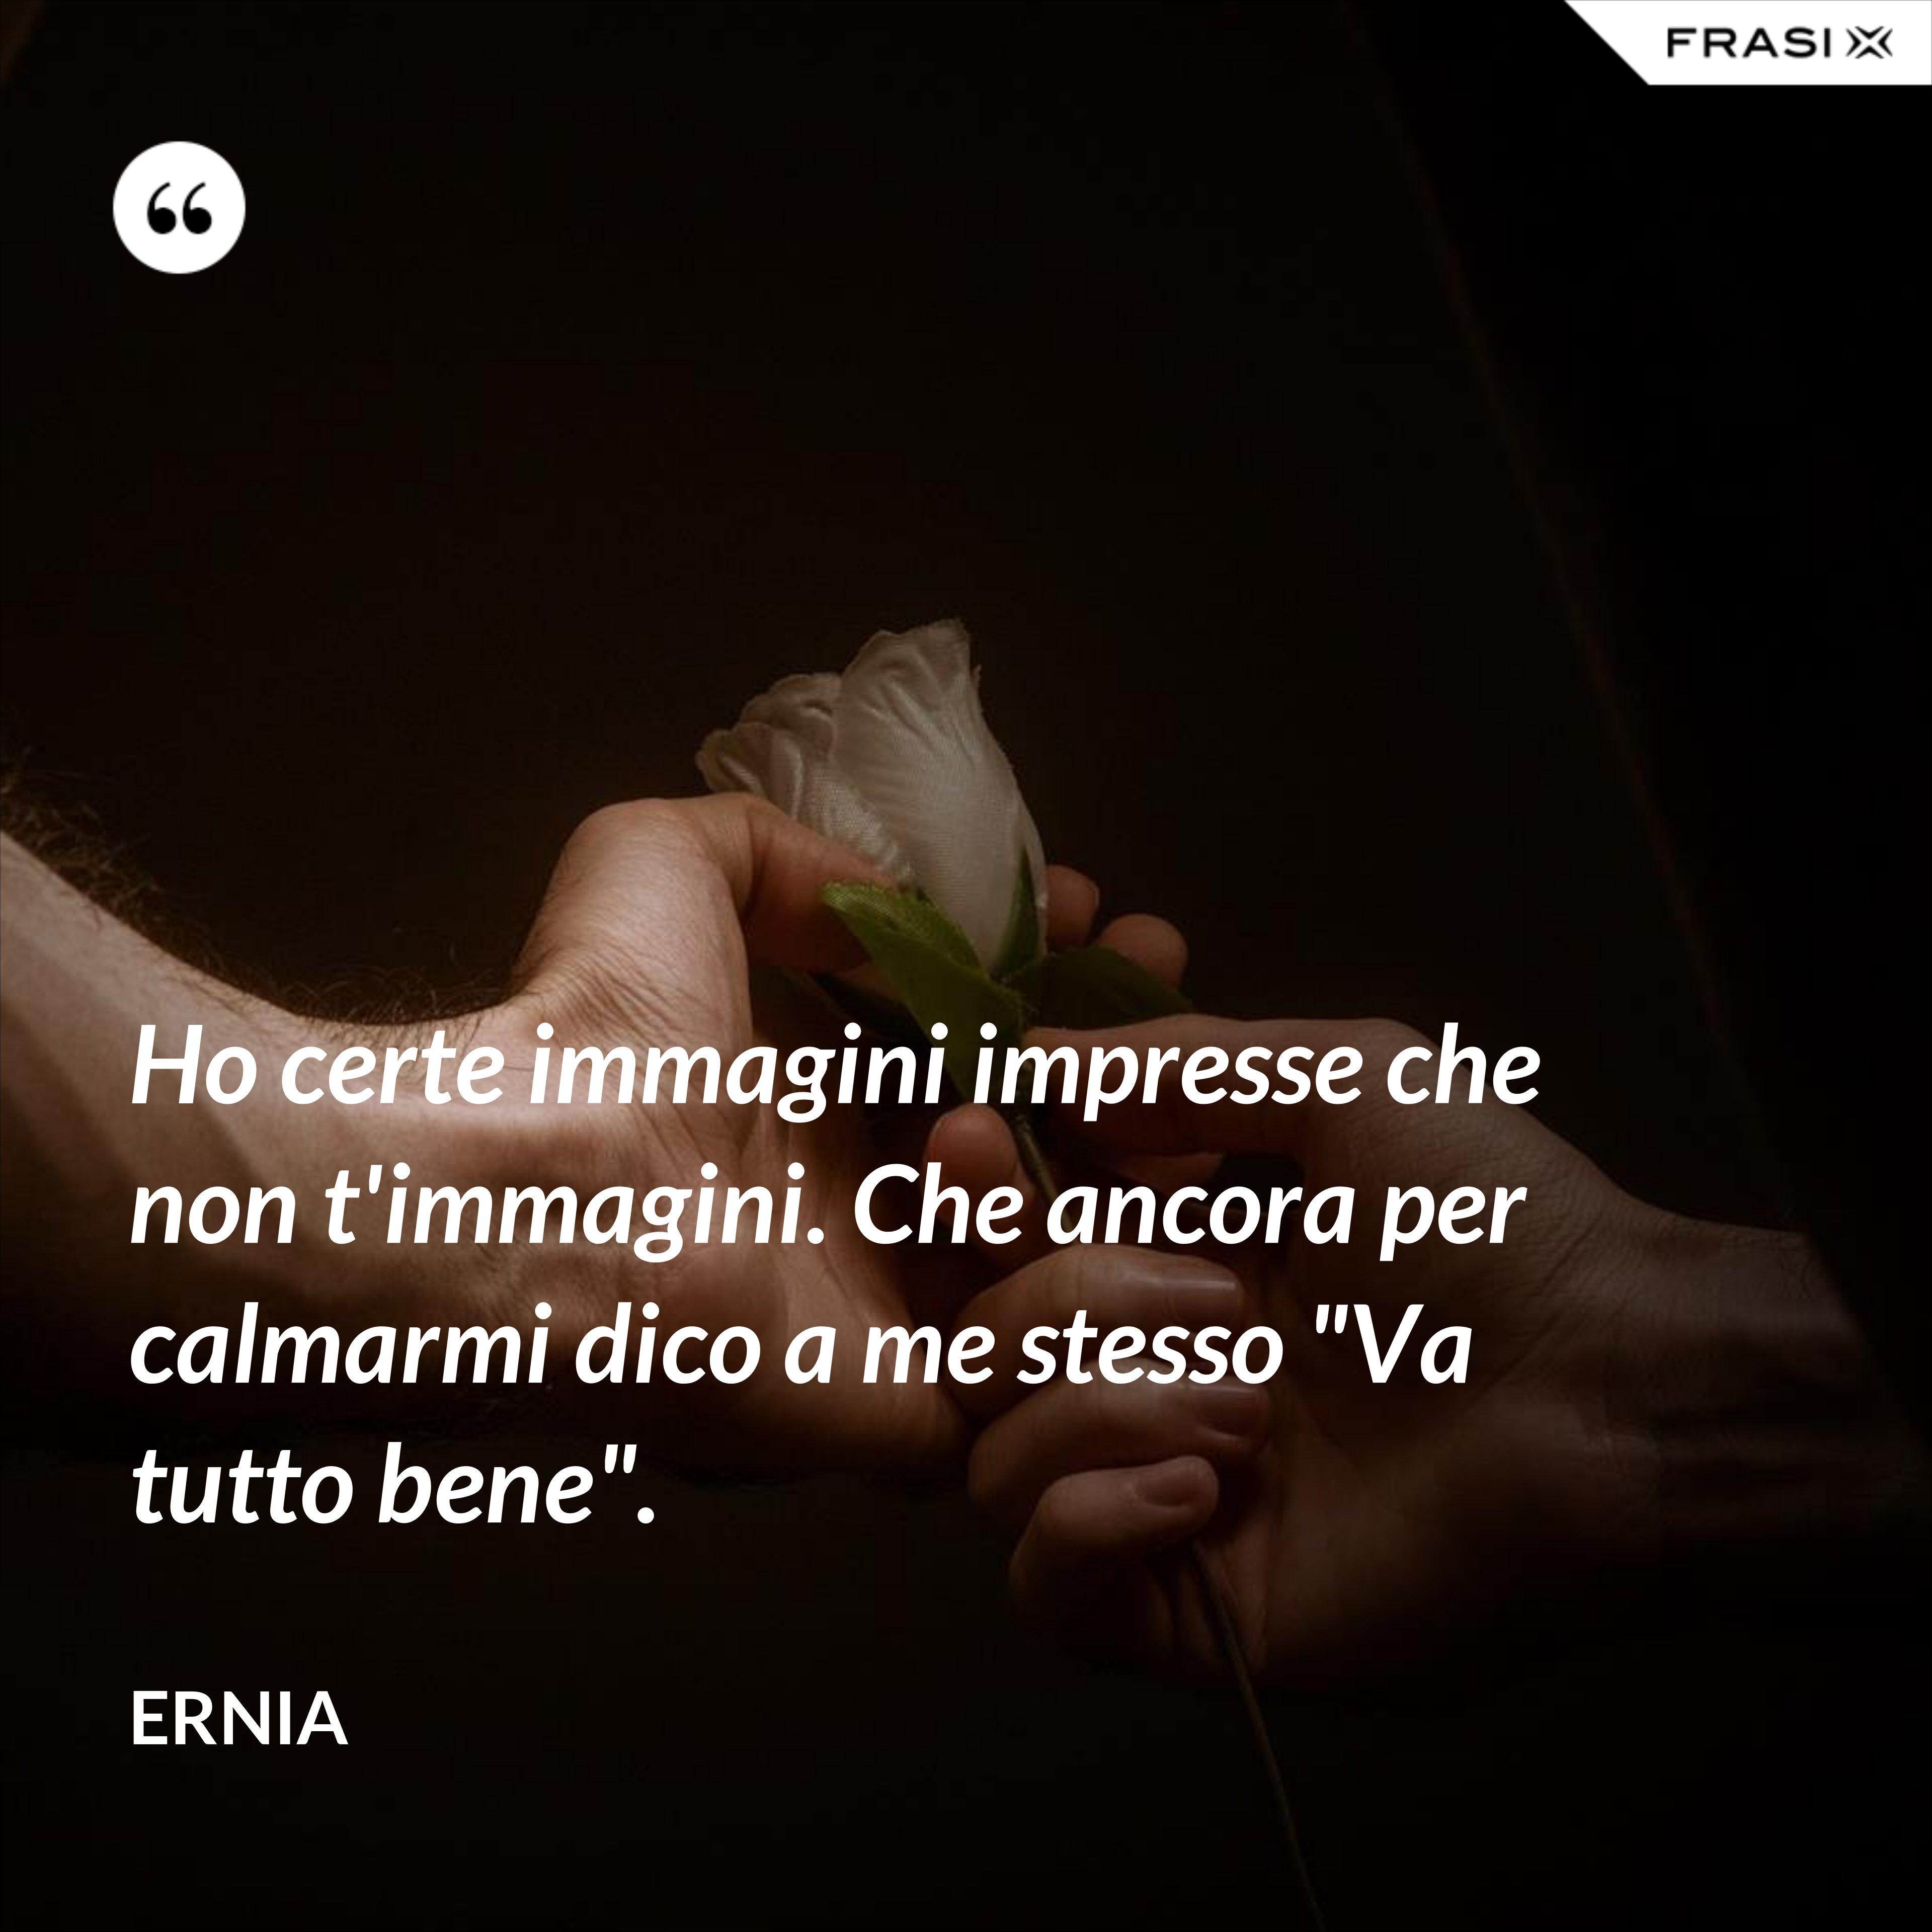 """Ho certe immagini impresse che non t'immagini. Che ancora per calmarmi dico a me stesso """"Va tutto bene"""". - Ernia"""